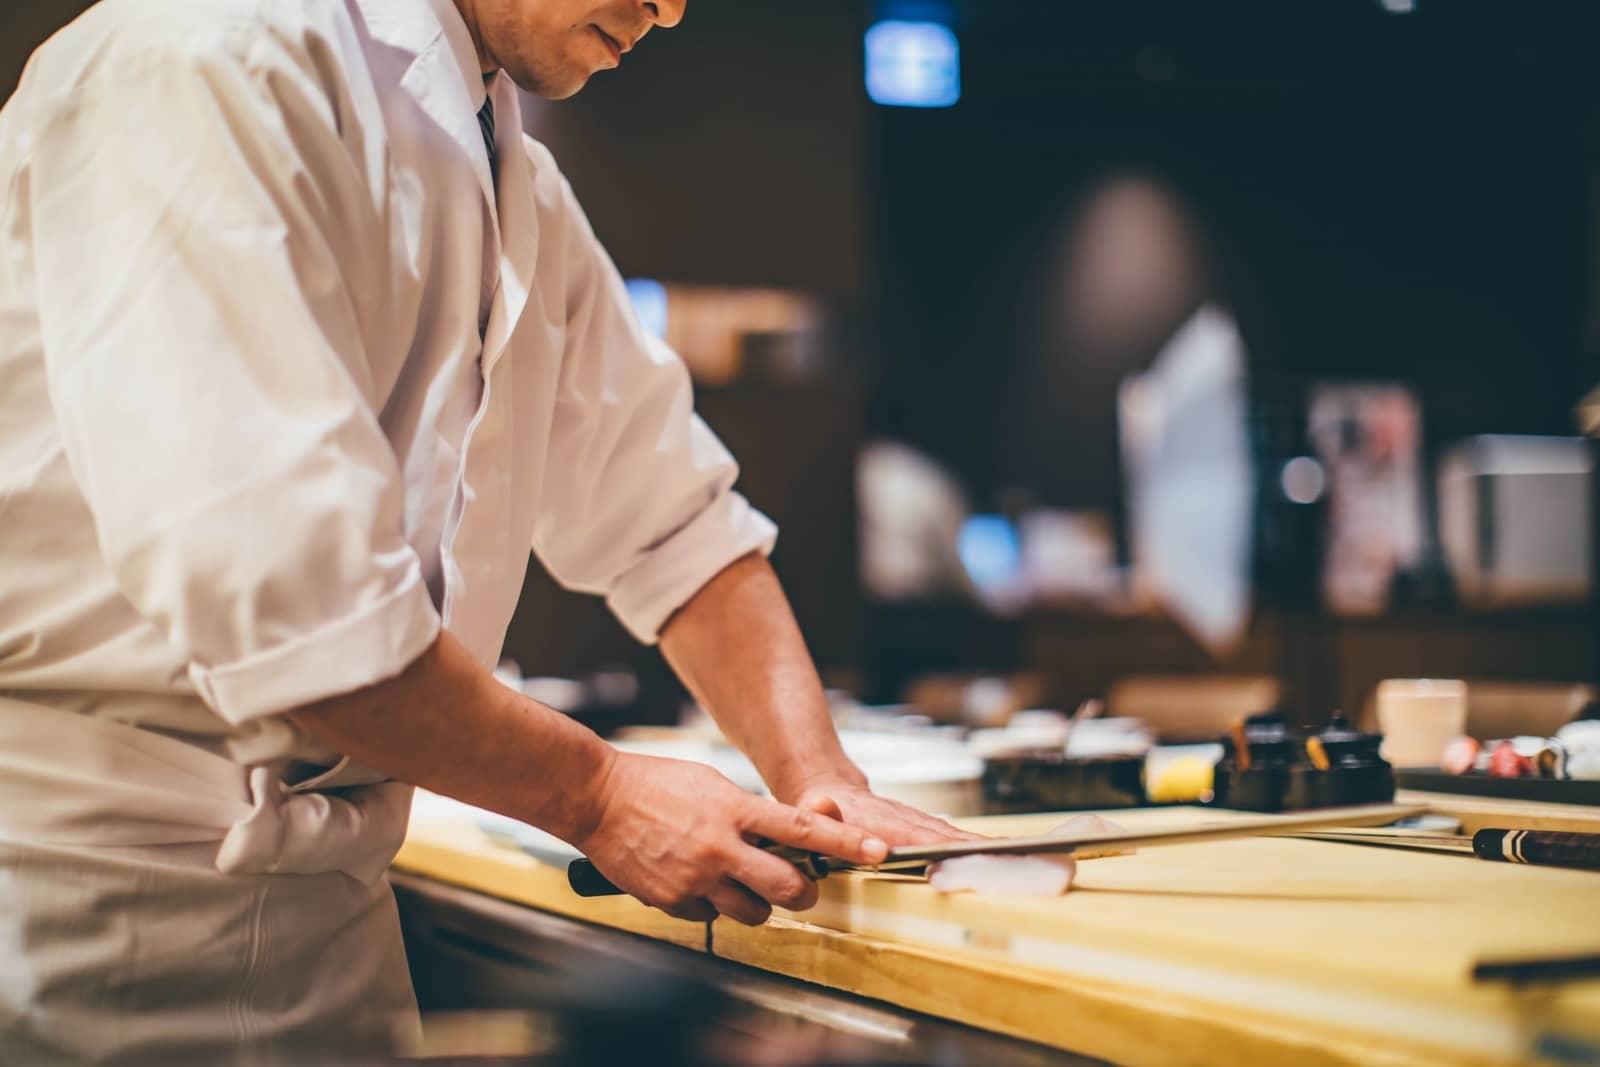 Sushi chef cutting fish